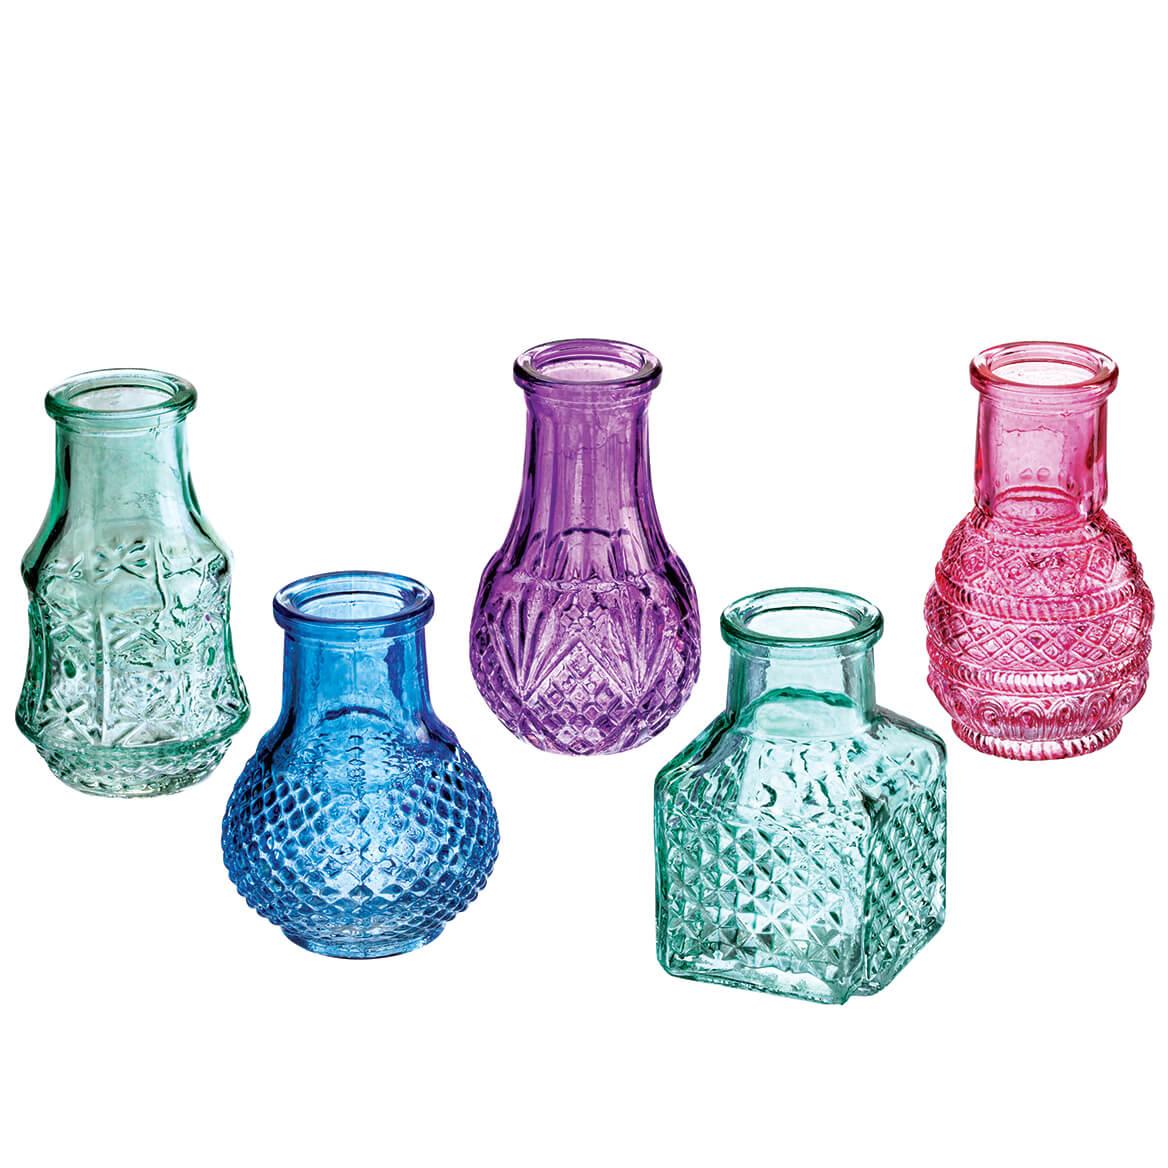 Mini Glass Vases Set of 5-370628